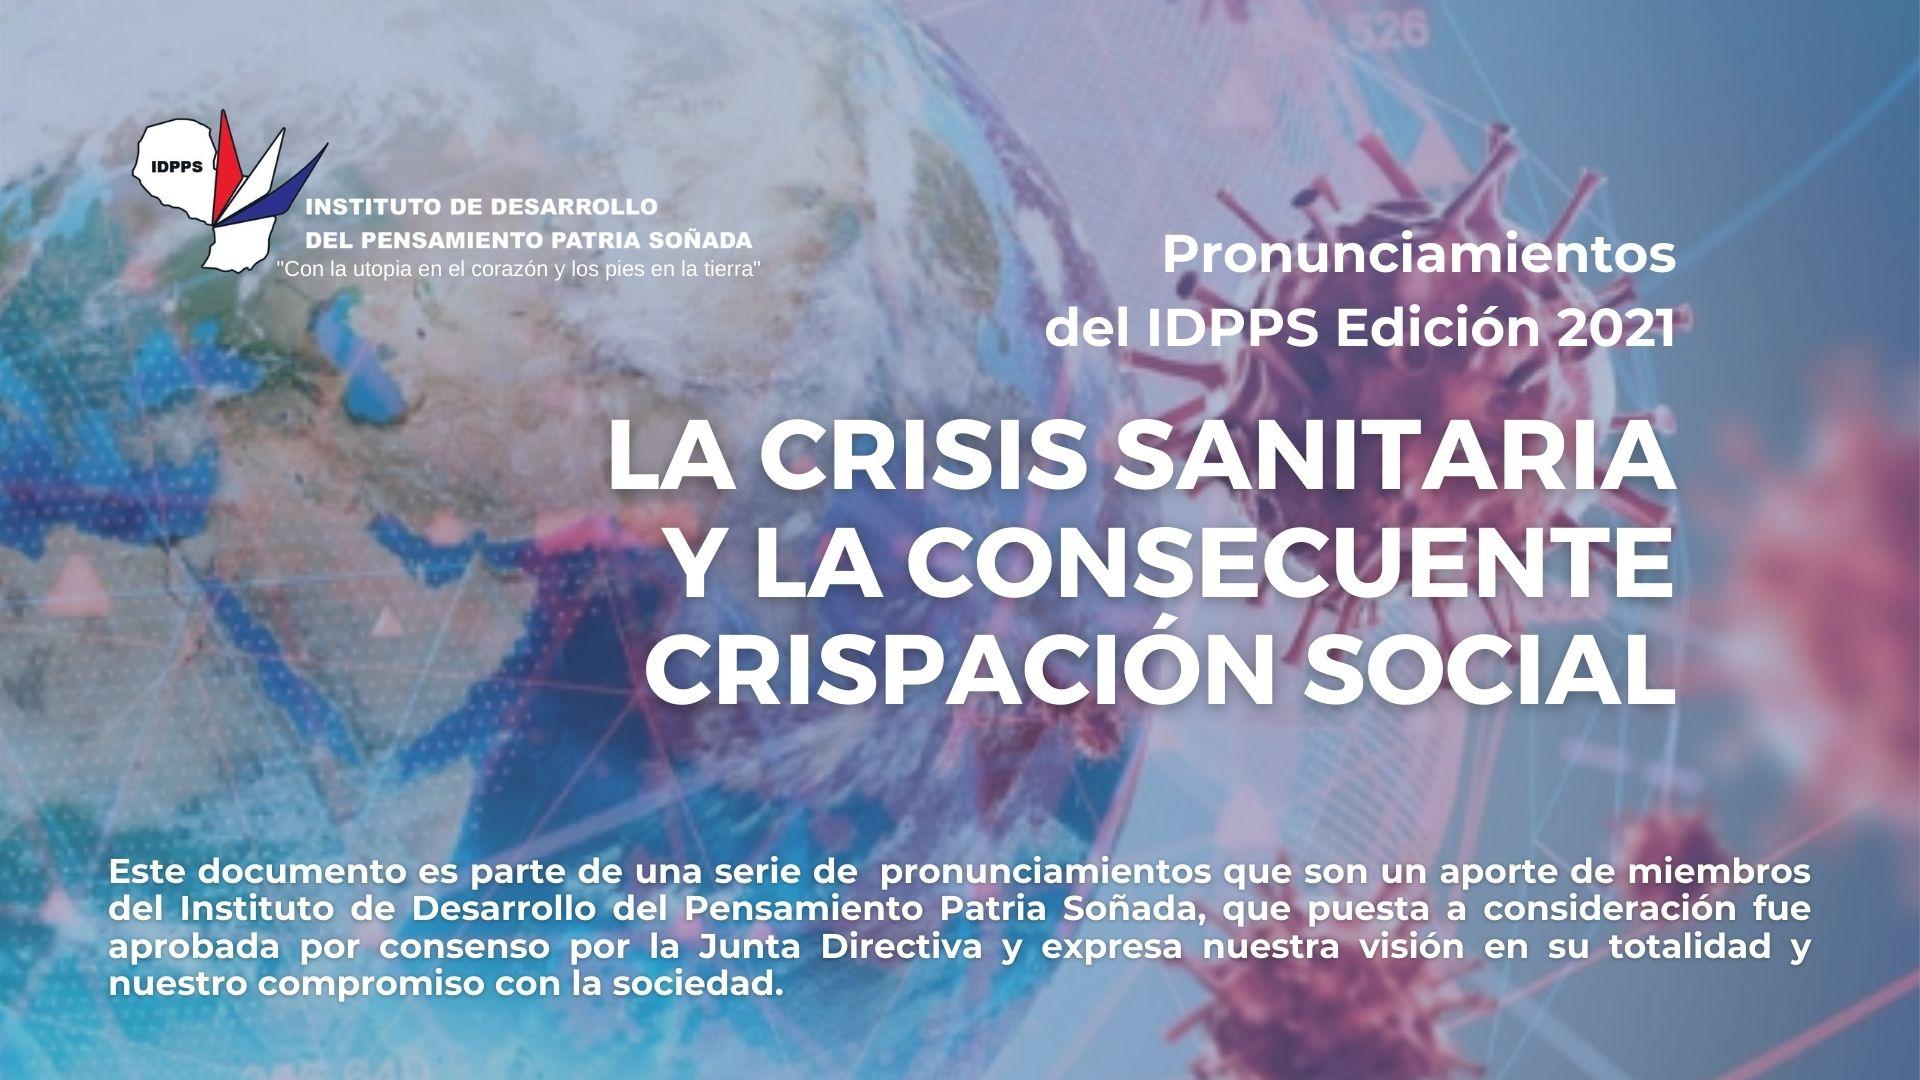 LA CRISIS SANITARIA Y LA CONSECUENTE CRISPACIÓN SOCIAL